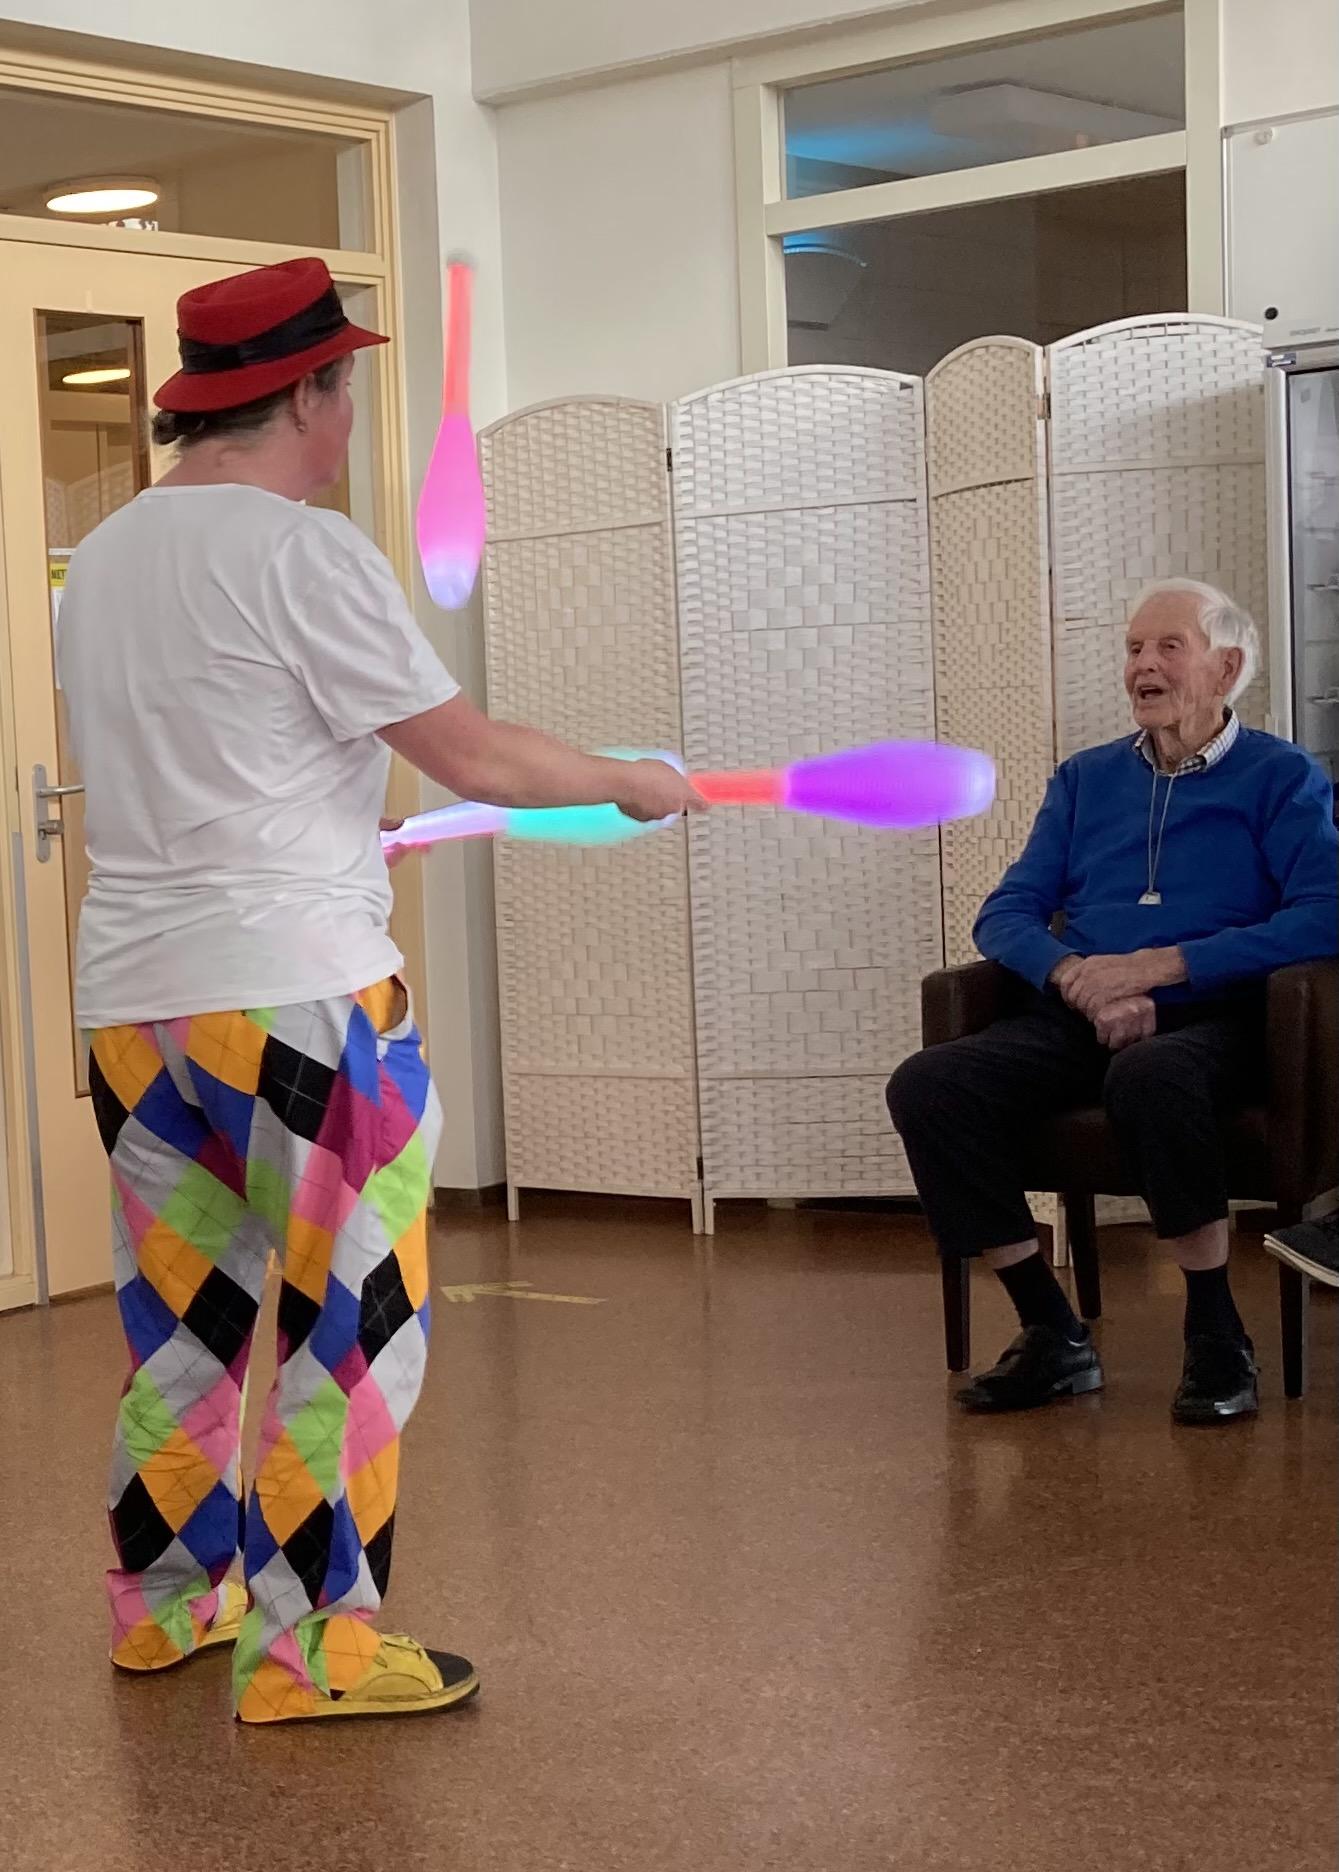 Jongleur Kiko aan het jongleren met lichtgevende kegels in een leuke, interactieve en verassende corona-proof jongleershow voor ouderen in verpleeghuizen